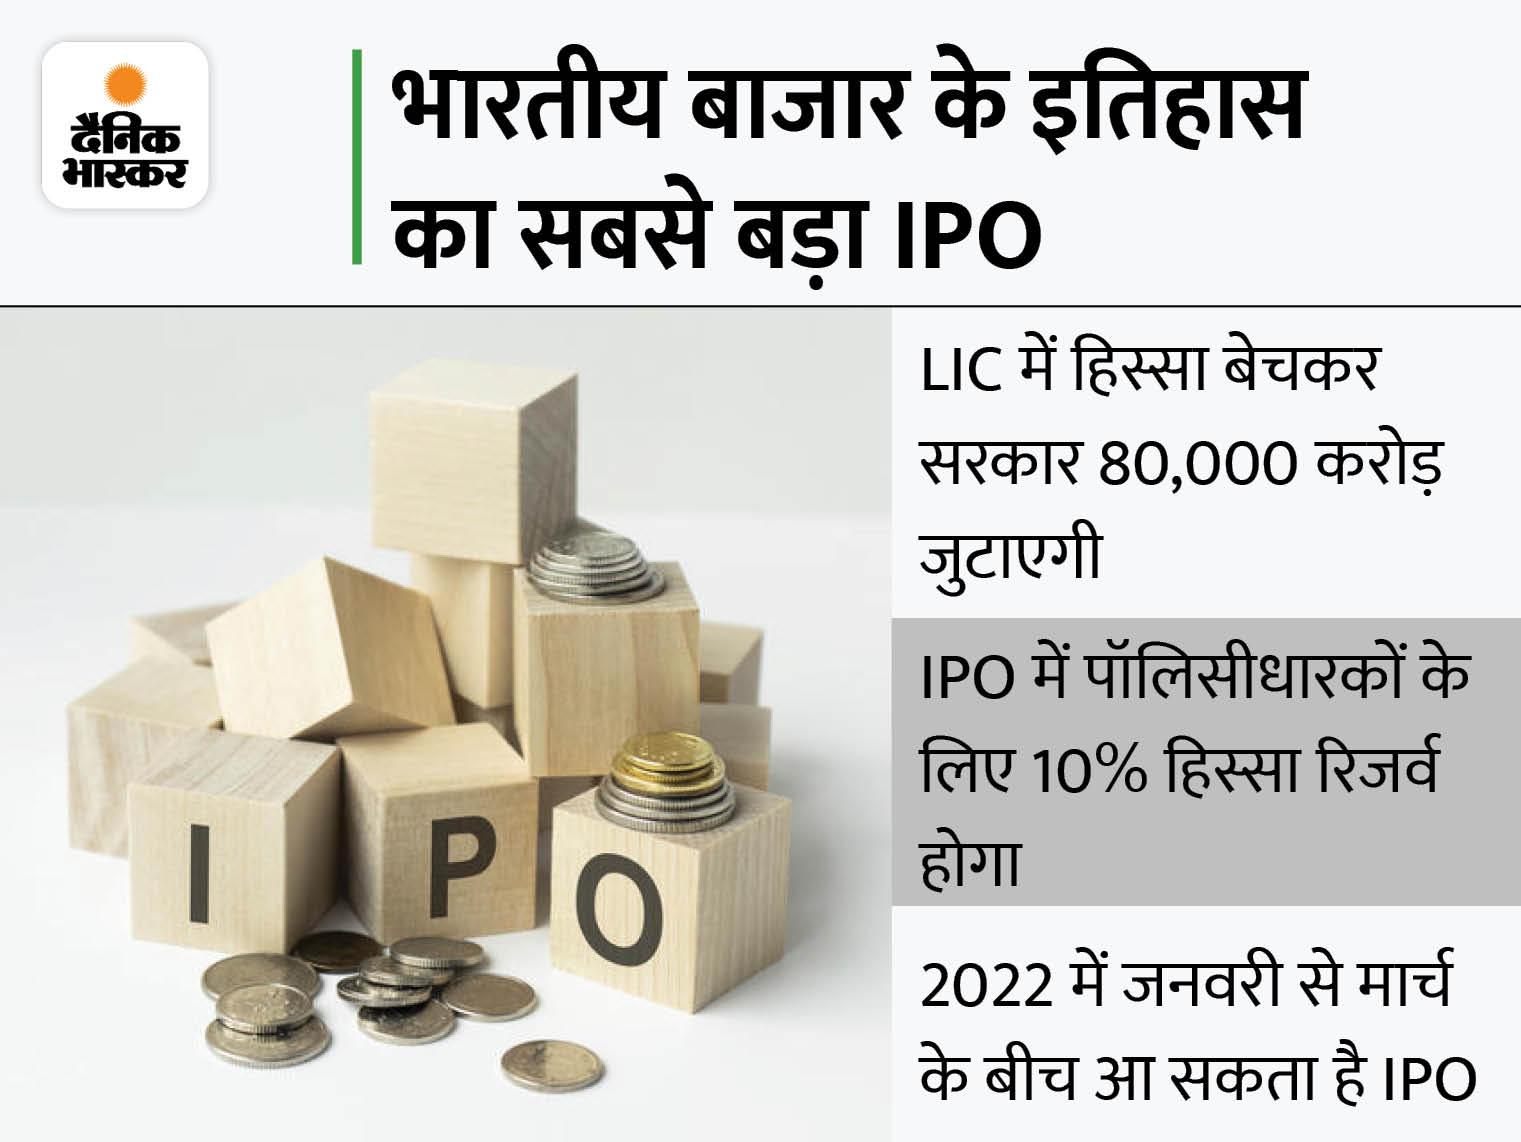 सरकारी कंपनियों में पब्लिक होल्डिंग का नियम खत्म होगा, रिटेल निवेशकों के लिए झटका|बिजनेस,Business - Dainik Bhaskar